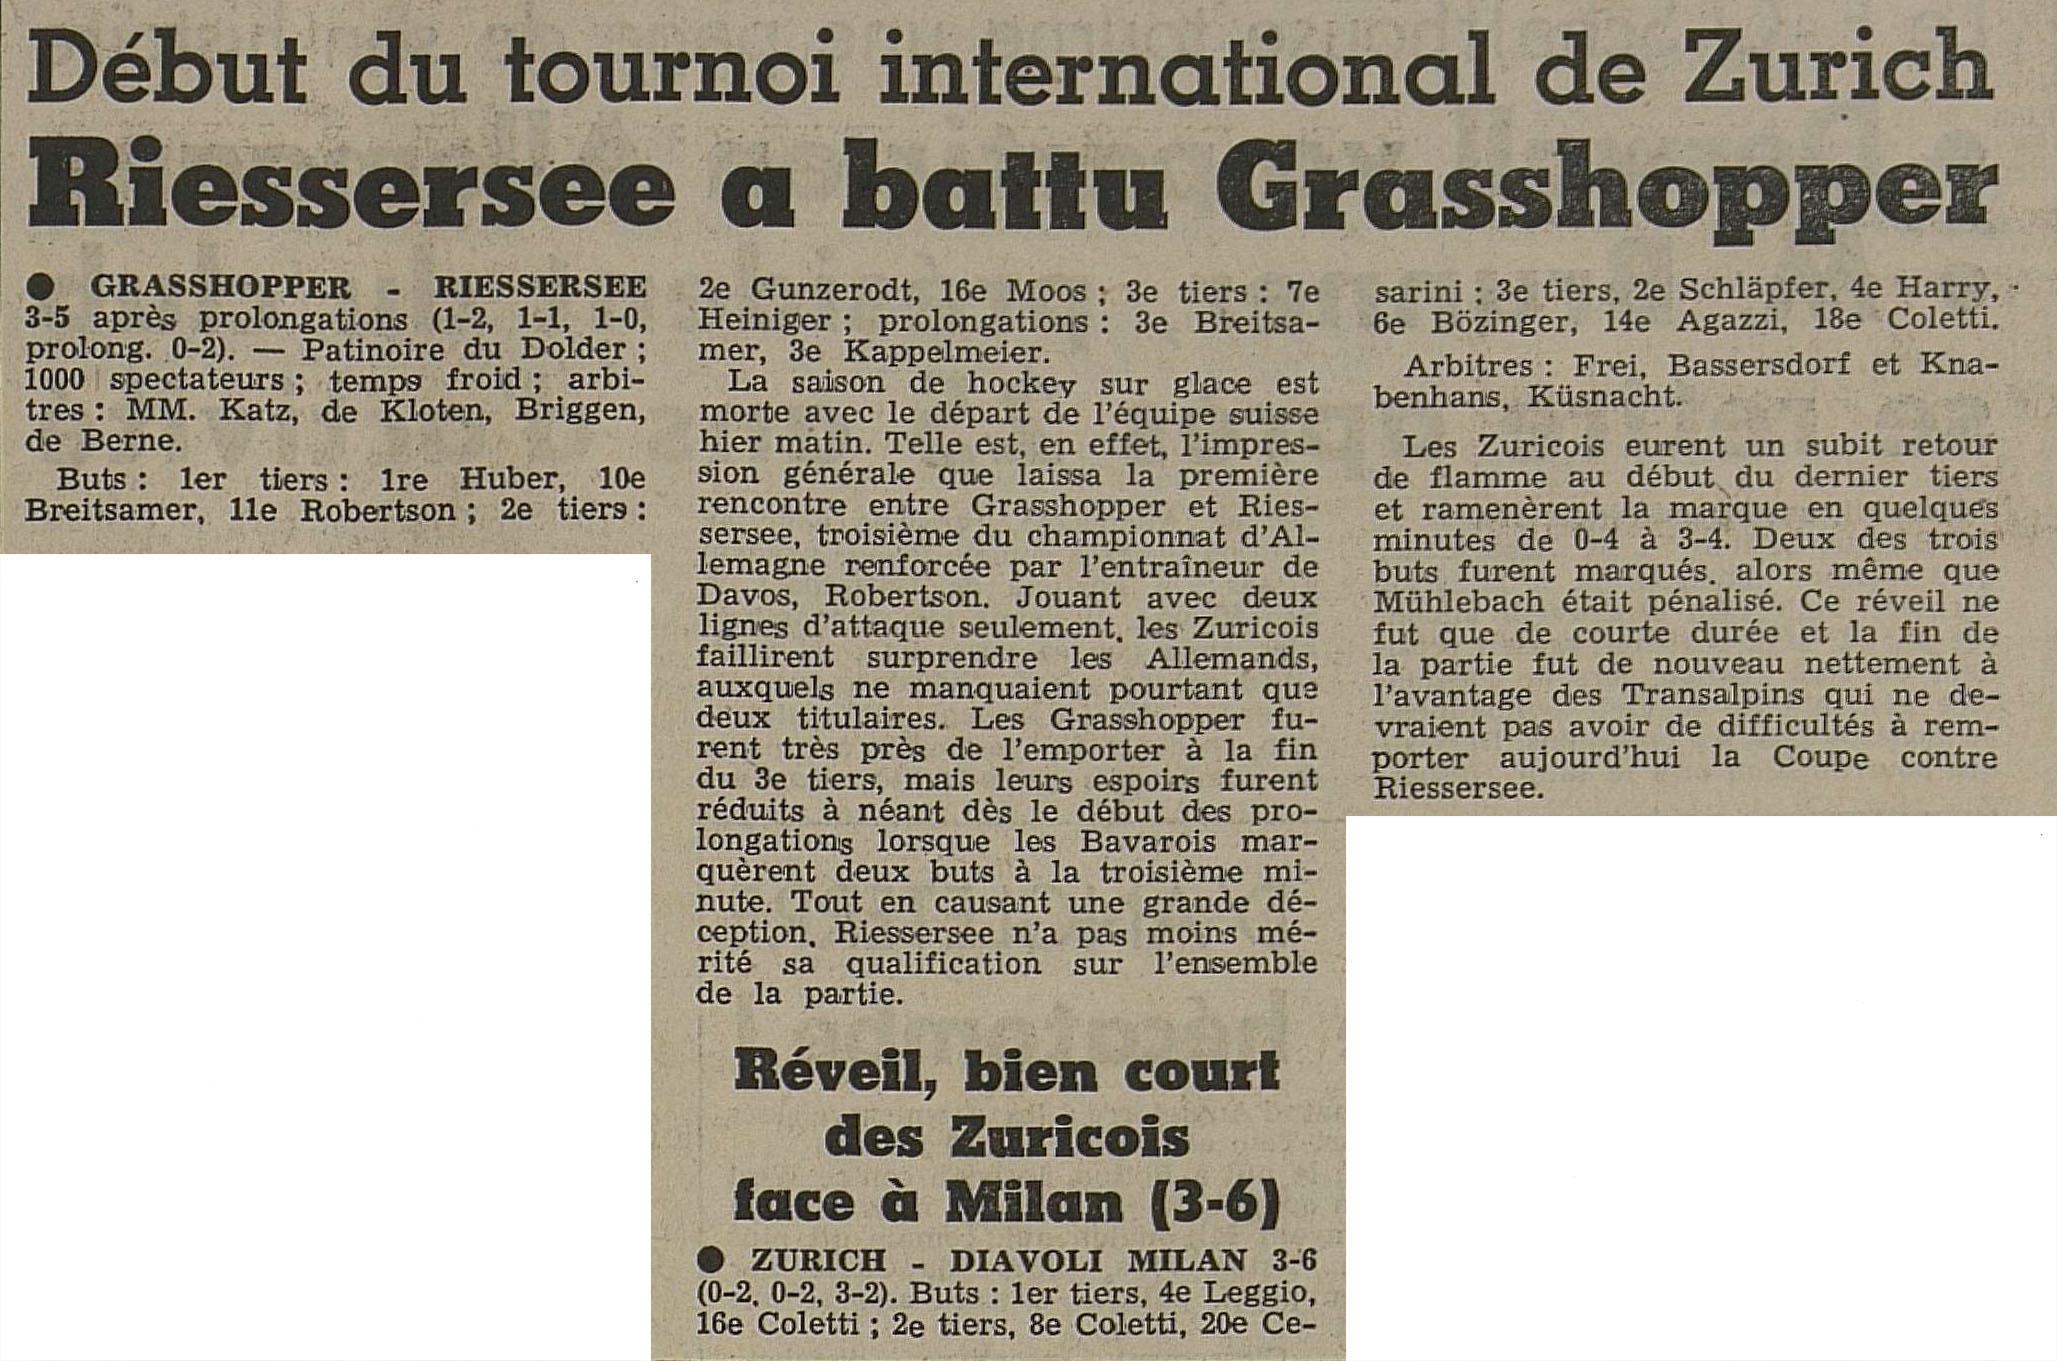 Le Matin - Tribune de Lausanne_19620225_rlk08l.jpg